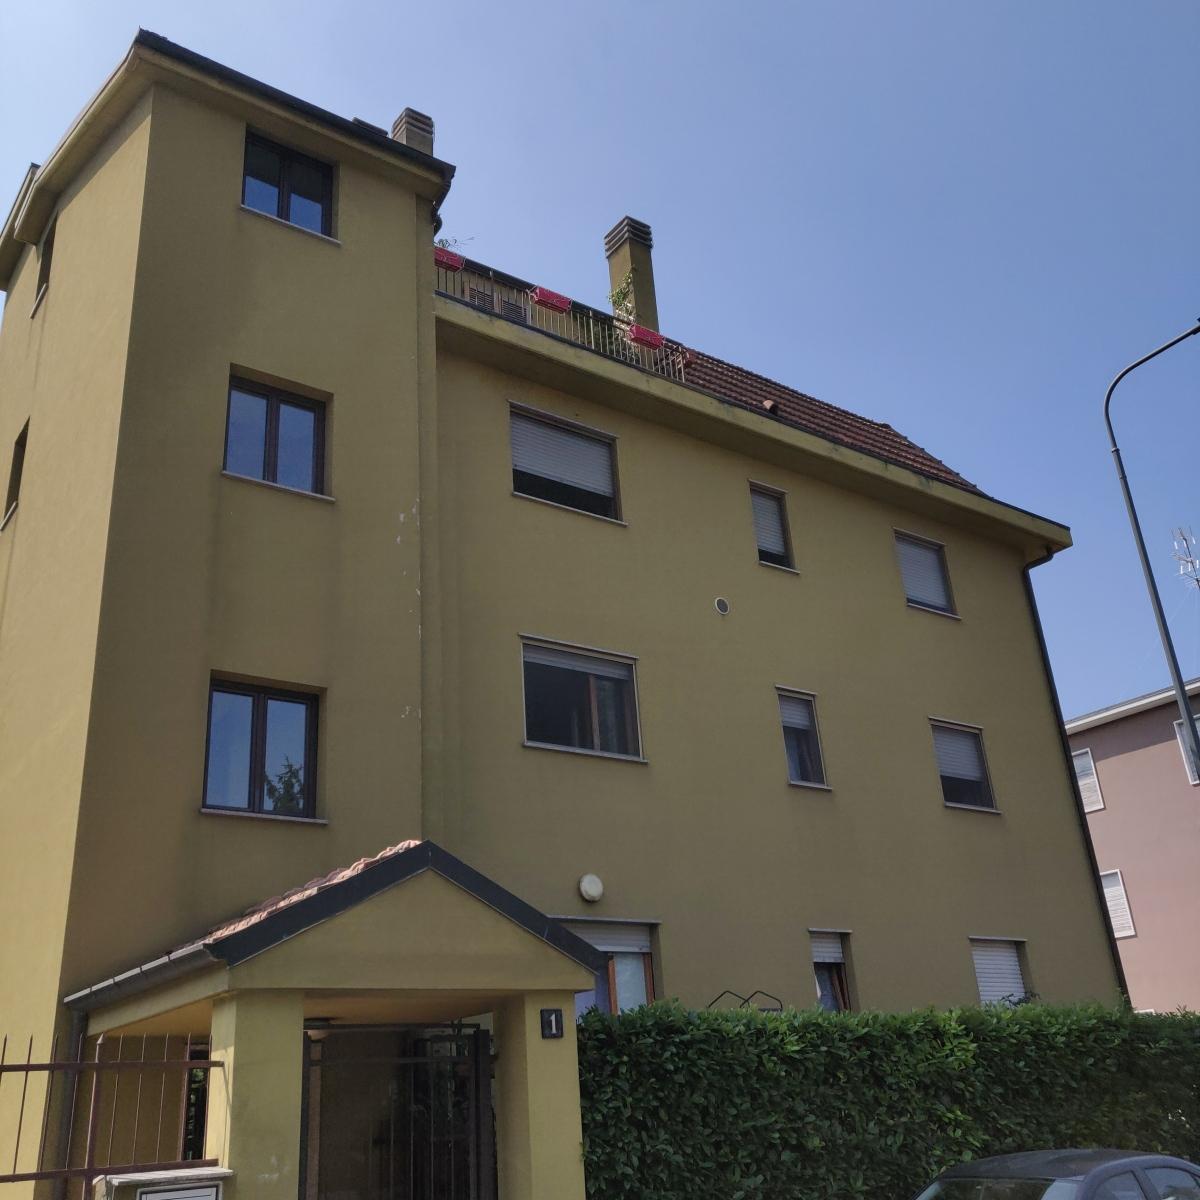 appartamento-in-vendita-a-baggio-via-cassolnovo-bagarotti-3-locali-milano-trilocale-spaziourbano-immobiliare-vende-22